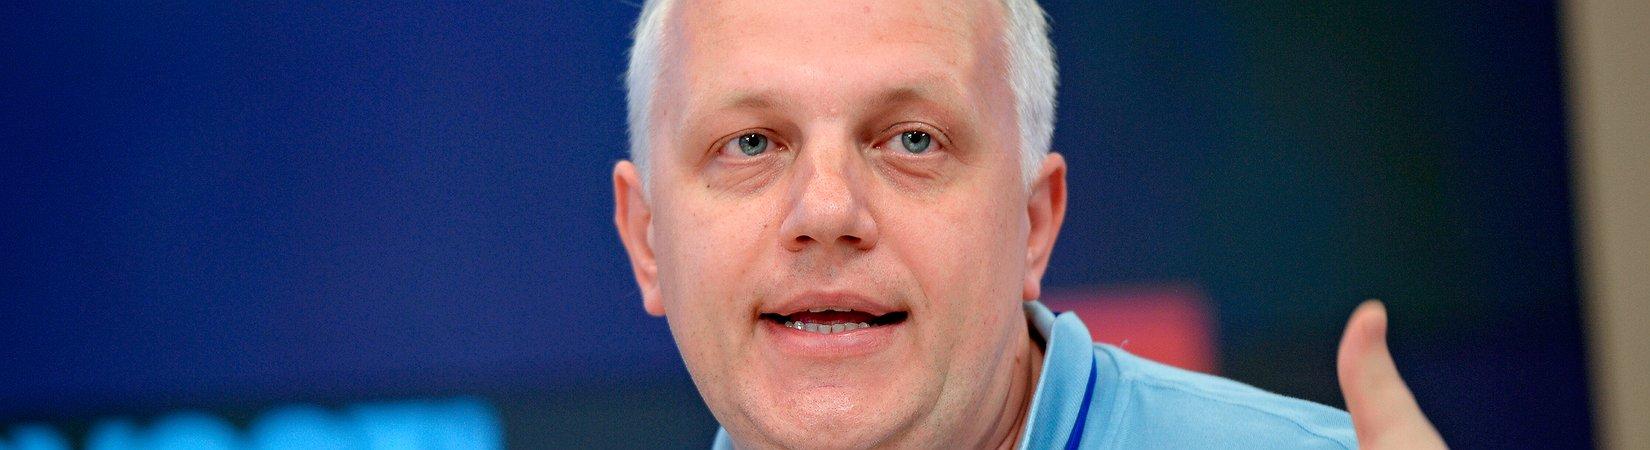 Muere un conocido periodista en Ucrania por  una explosión en su coche